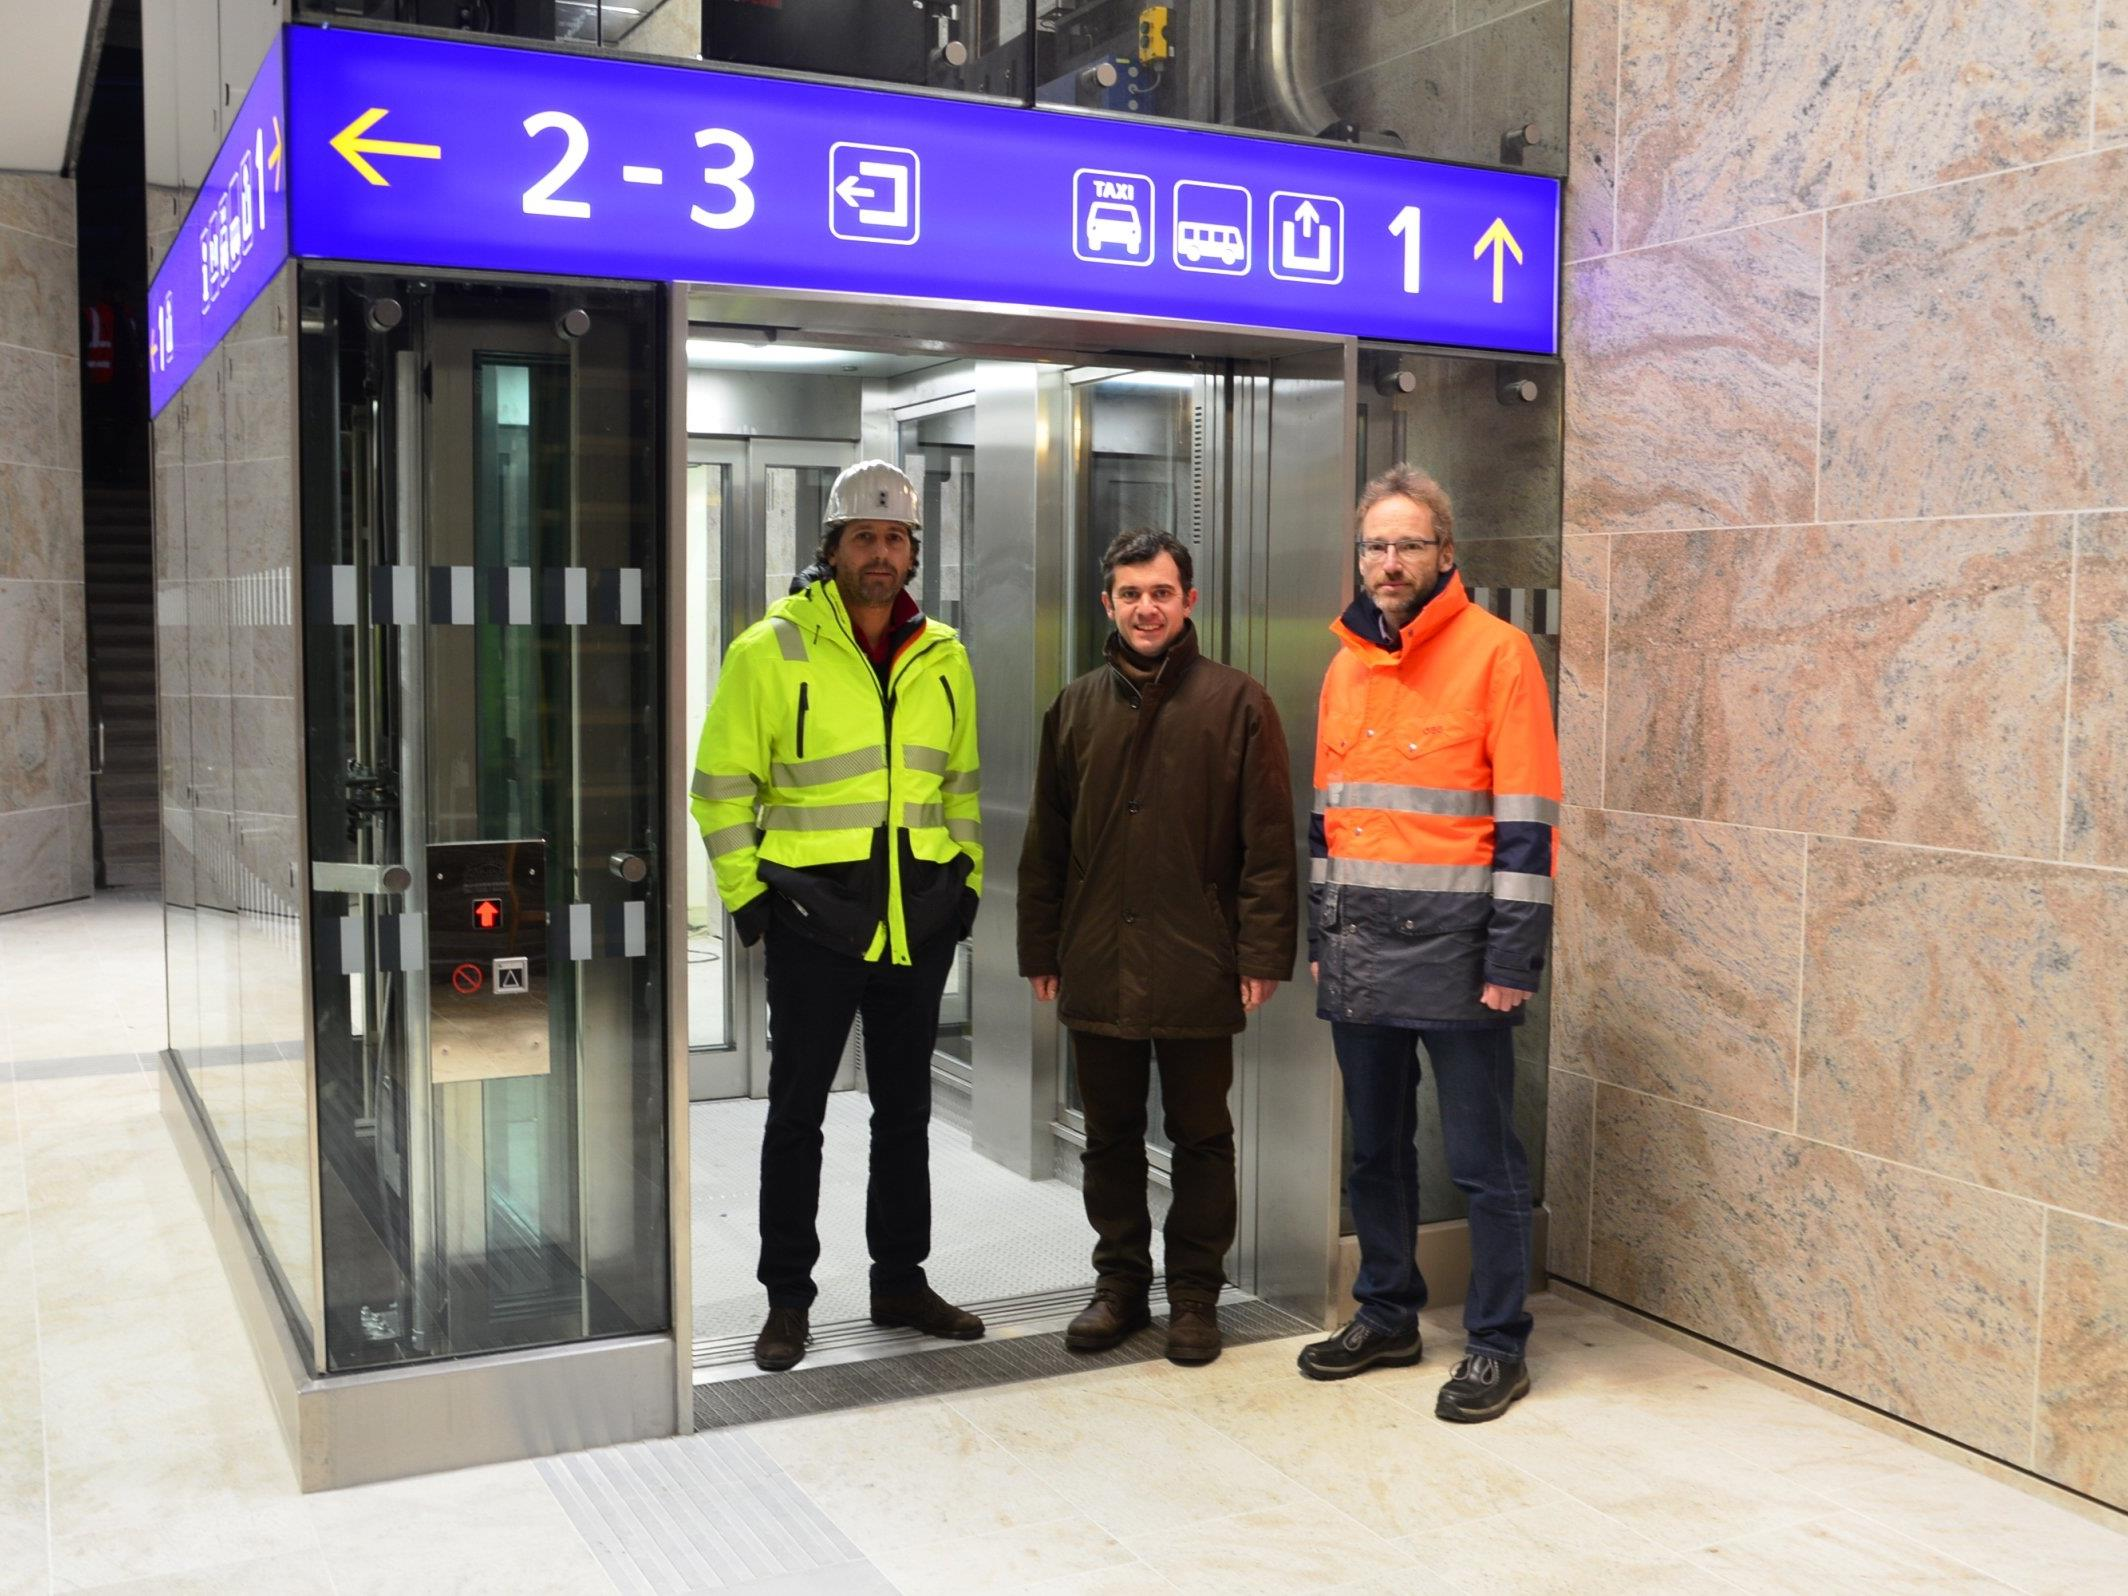 Bürgermeister Martin Summer (Bildmitte) mit ÖBB Projektteamleiter Harald Schreyer (re.) und Bauaufsicht Udo Tschermanegg.